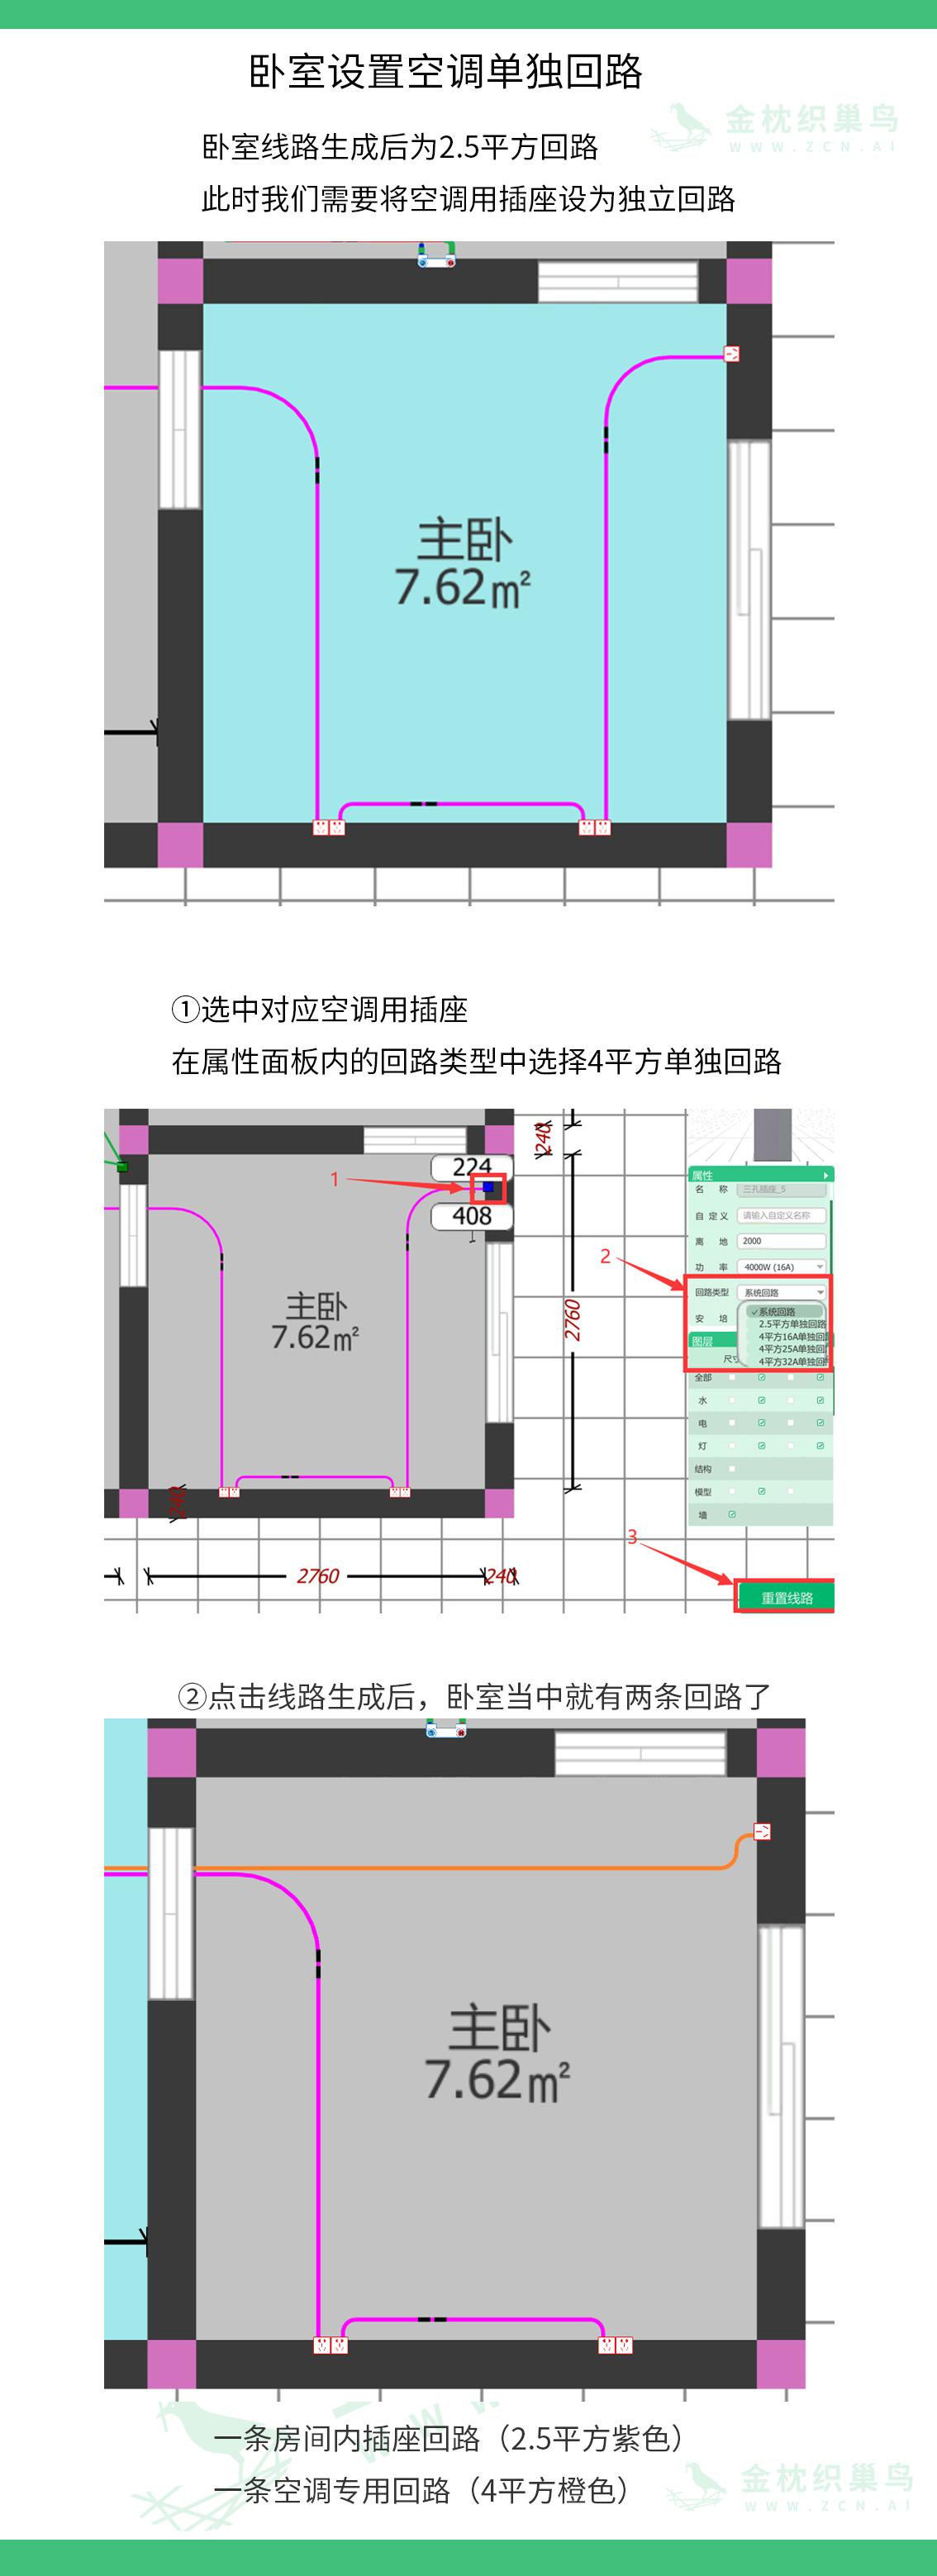 卧室空调回路3.0.png